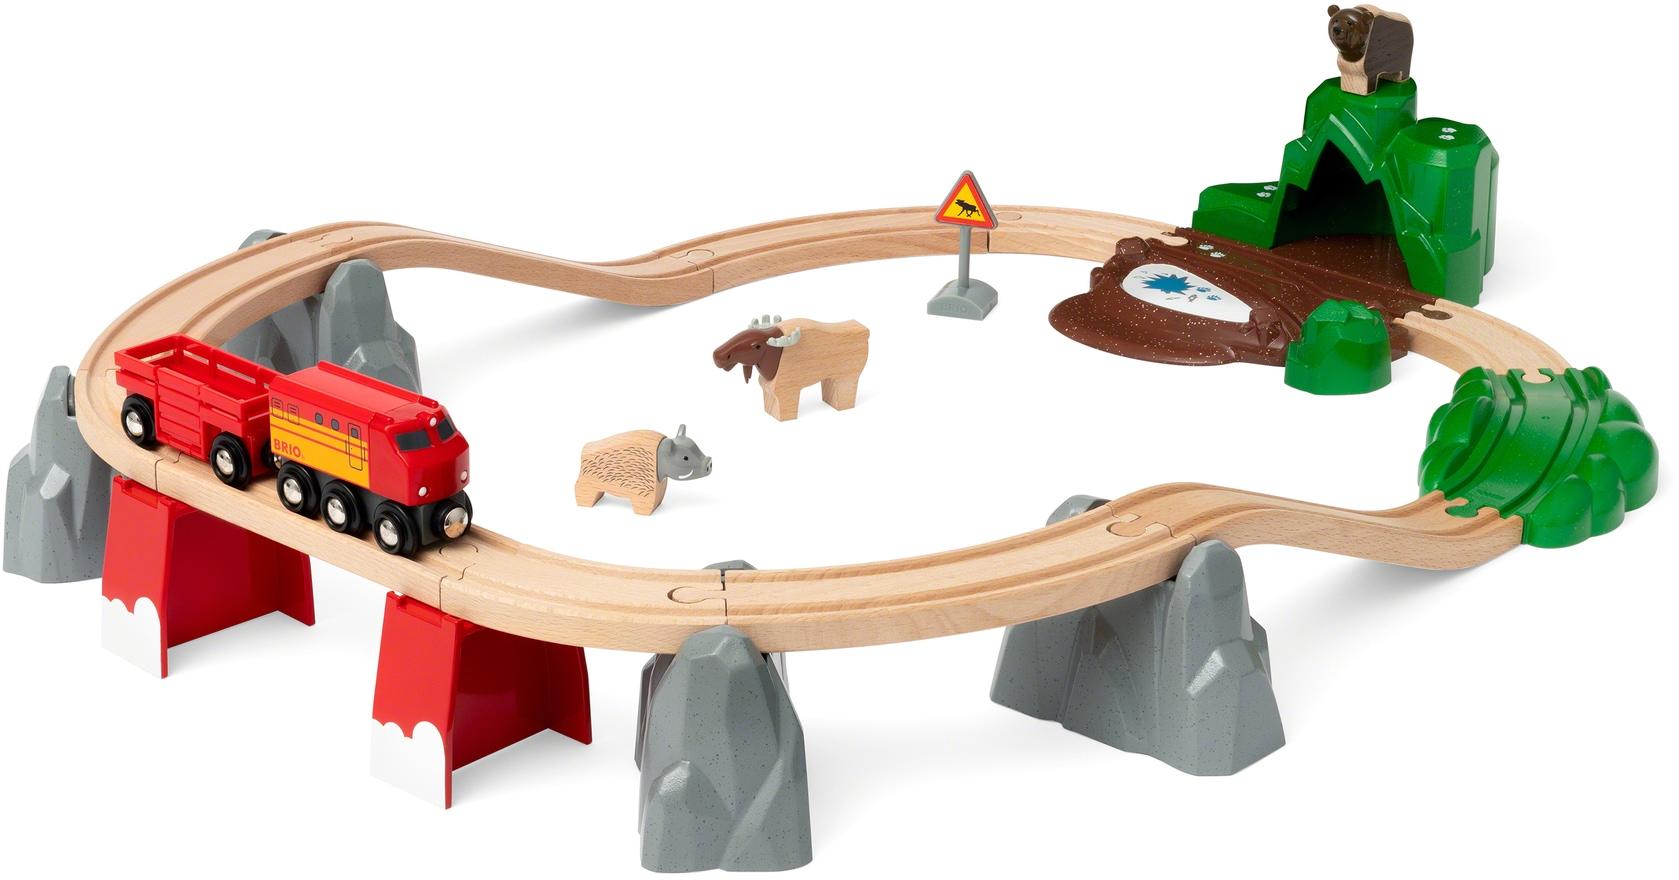 BRIO Spielzeug-Eisenbahn Nordische Waldtiere bunt Kinder Kindereisenbahnen Autos, Eisenbahn Modellbau